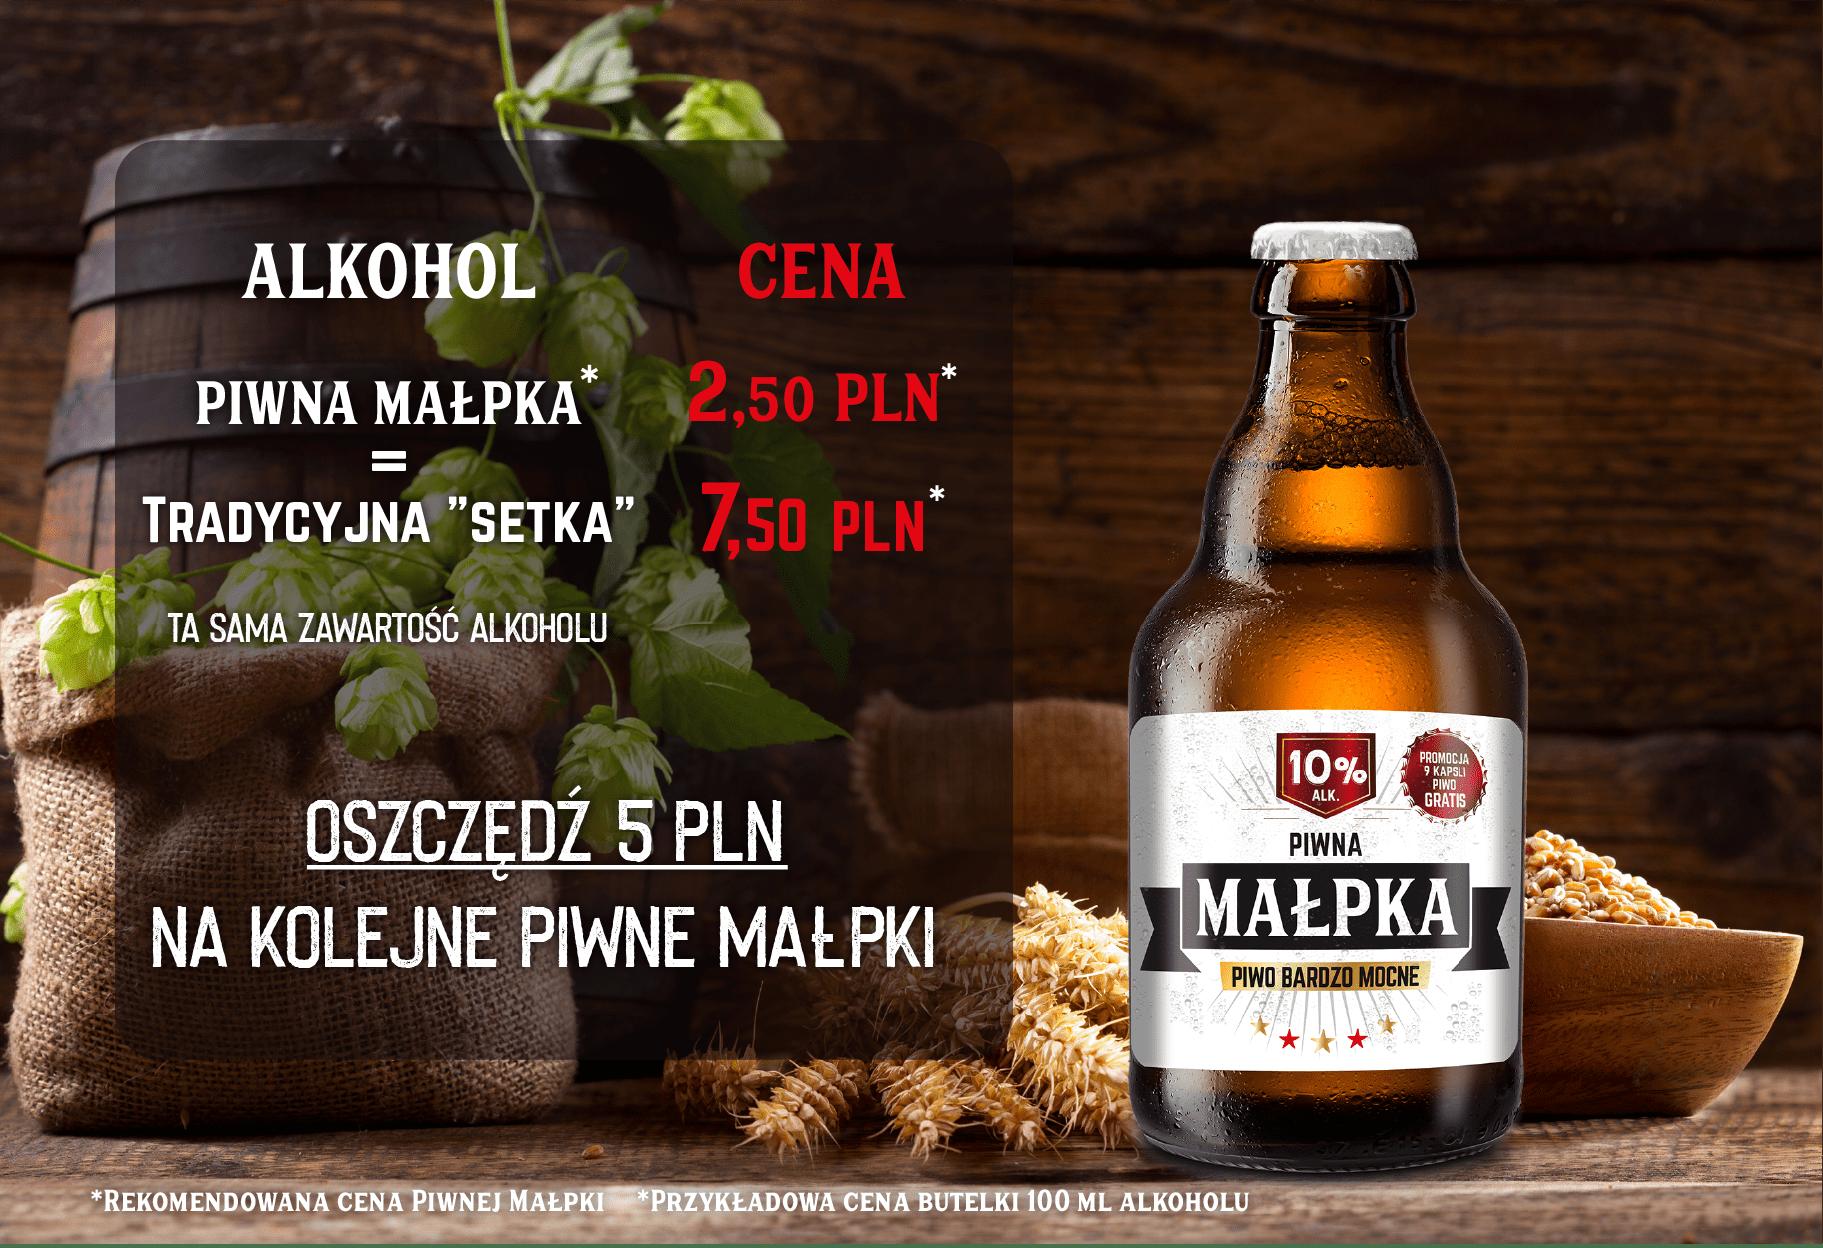 Piwna Małpka - piwna malpka promo www